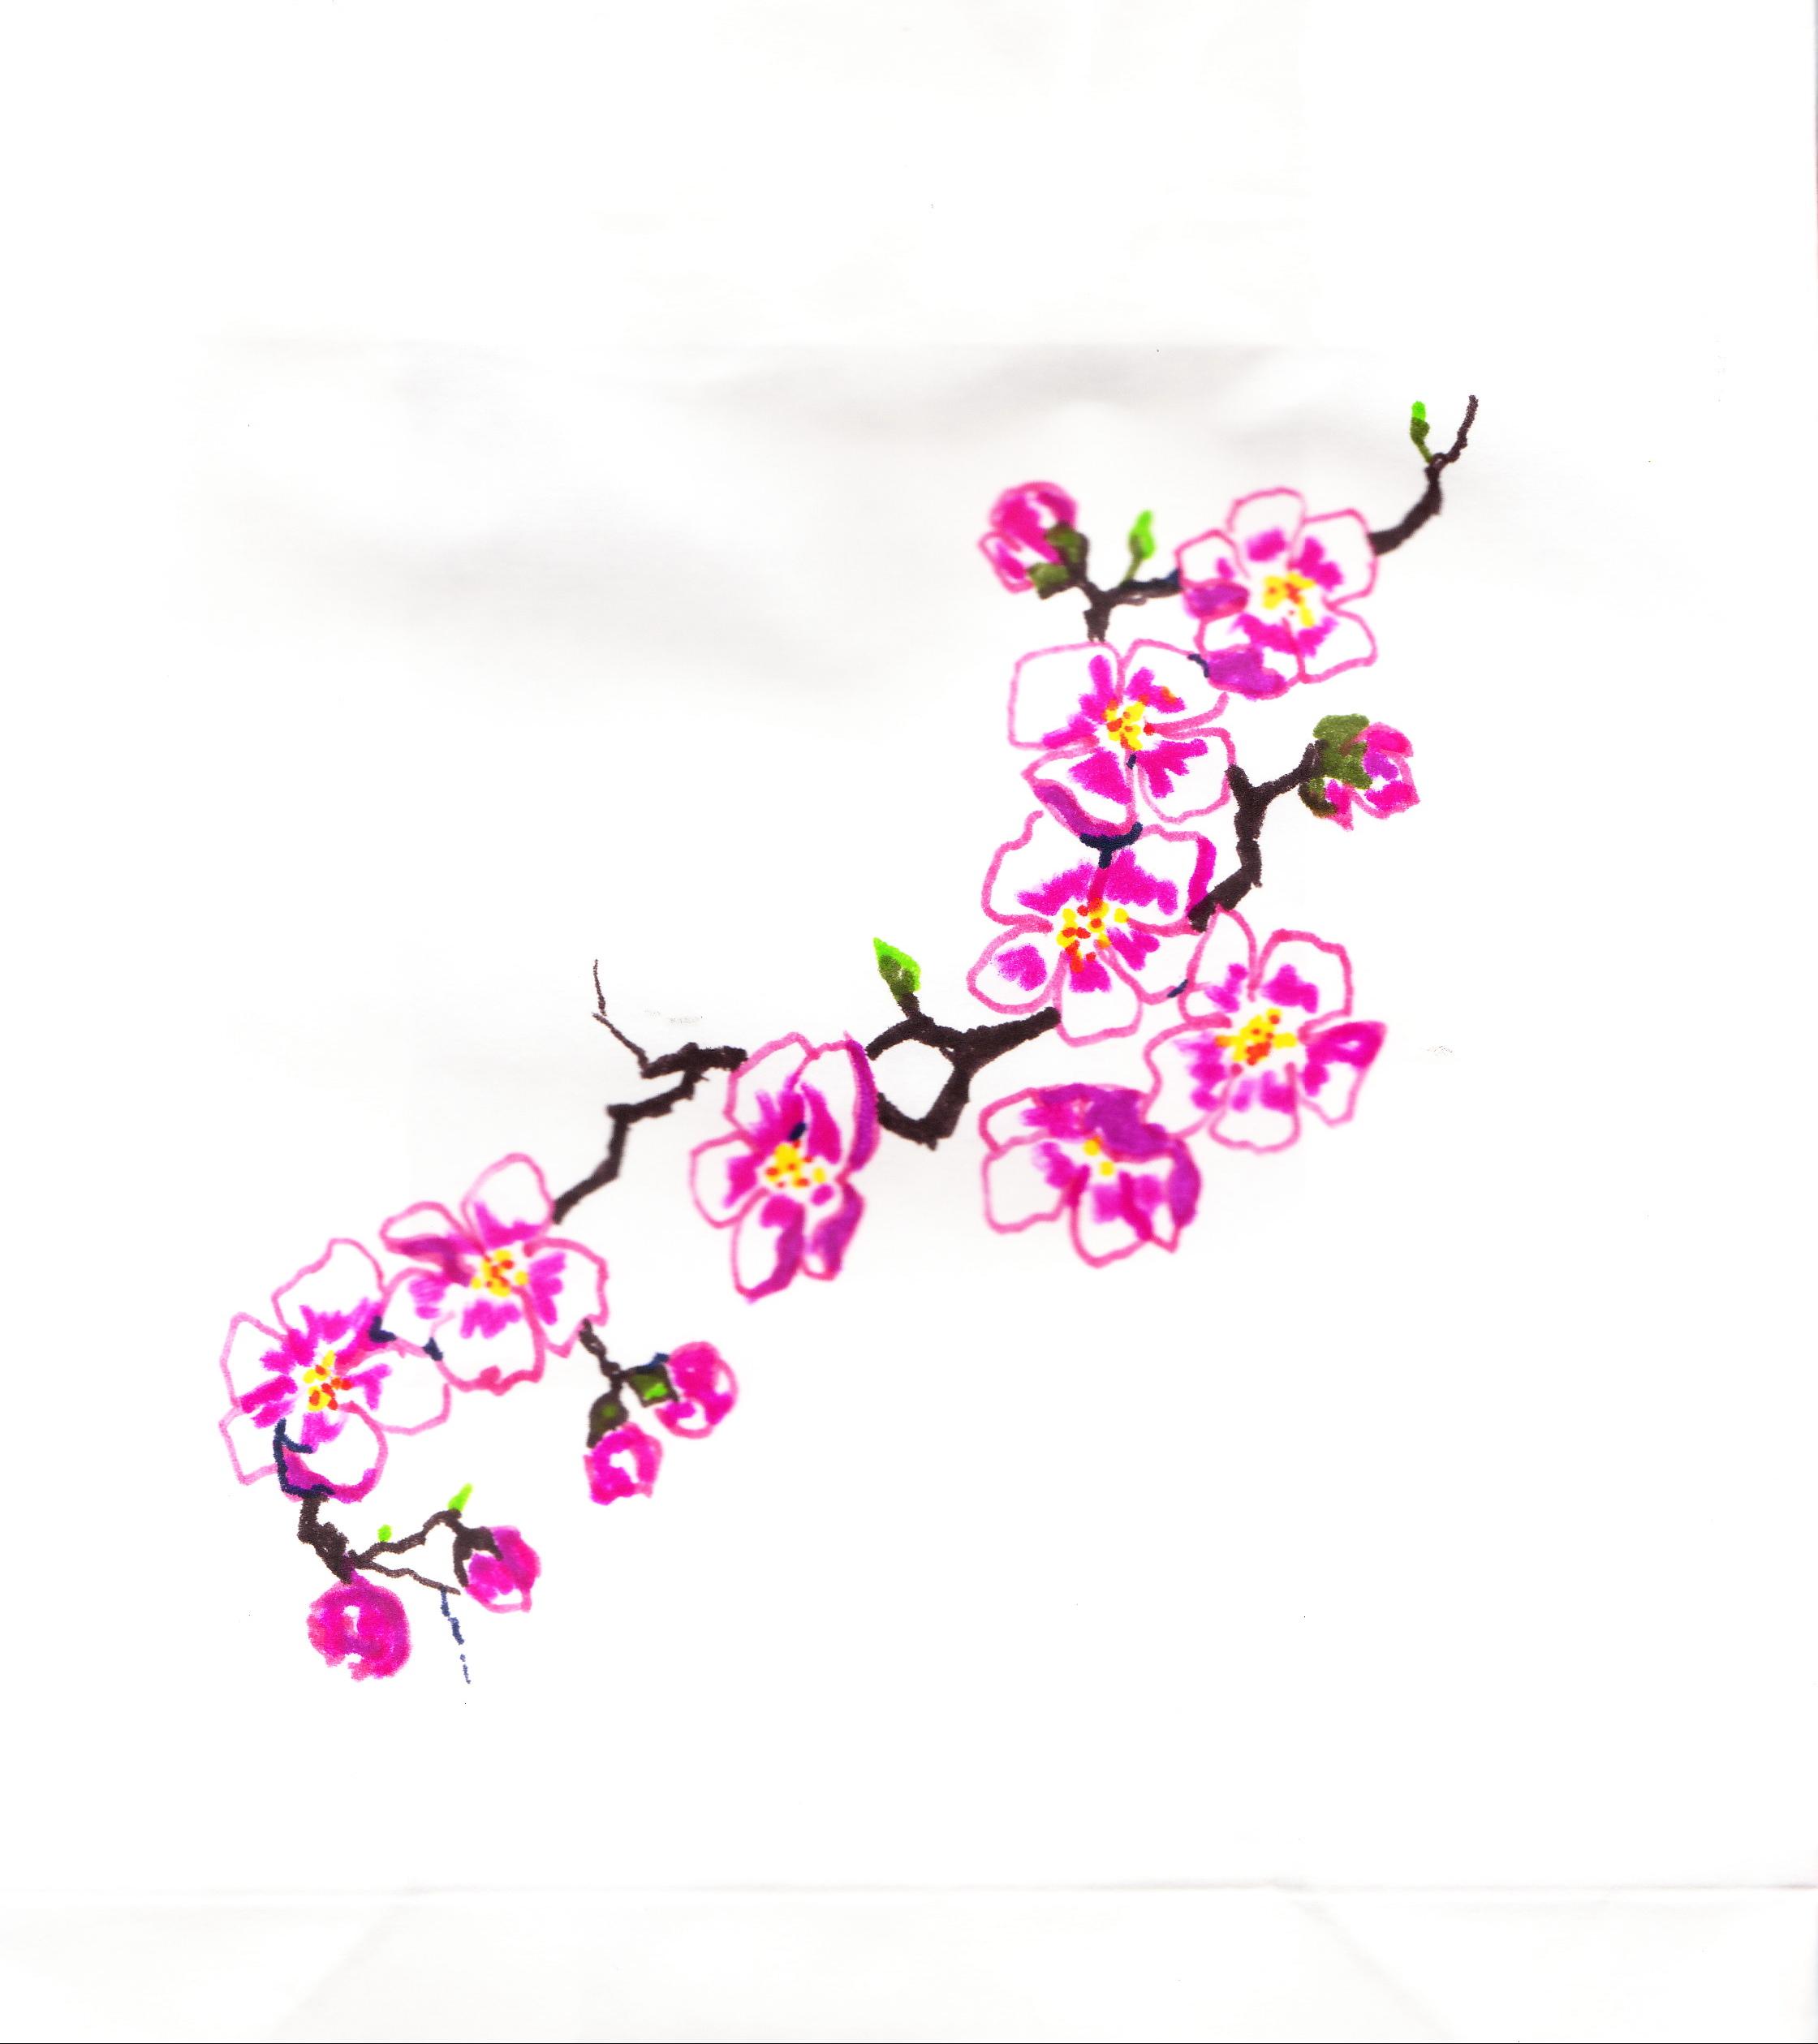 Drawn sakura blossom plum blossom Blossom Bag 1 Linda Gift